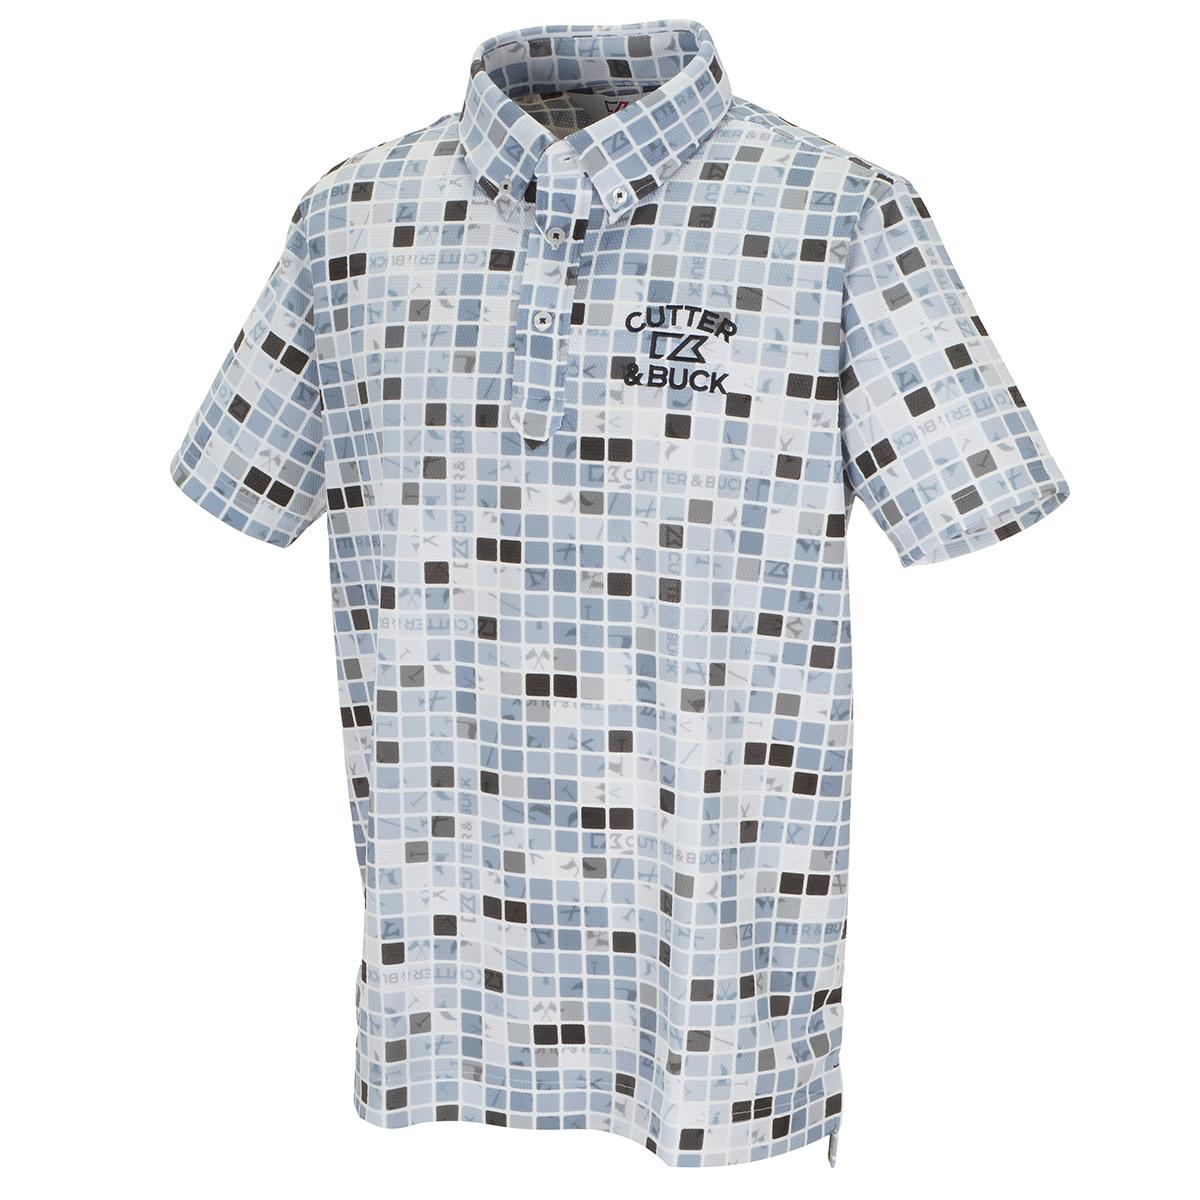 ブロックプリントボタンダウンカラー 半袖ポロシャツ